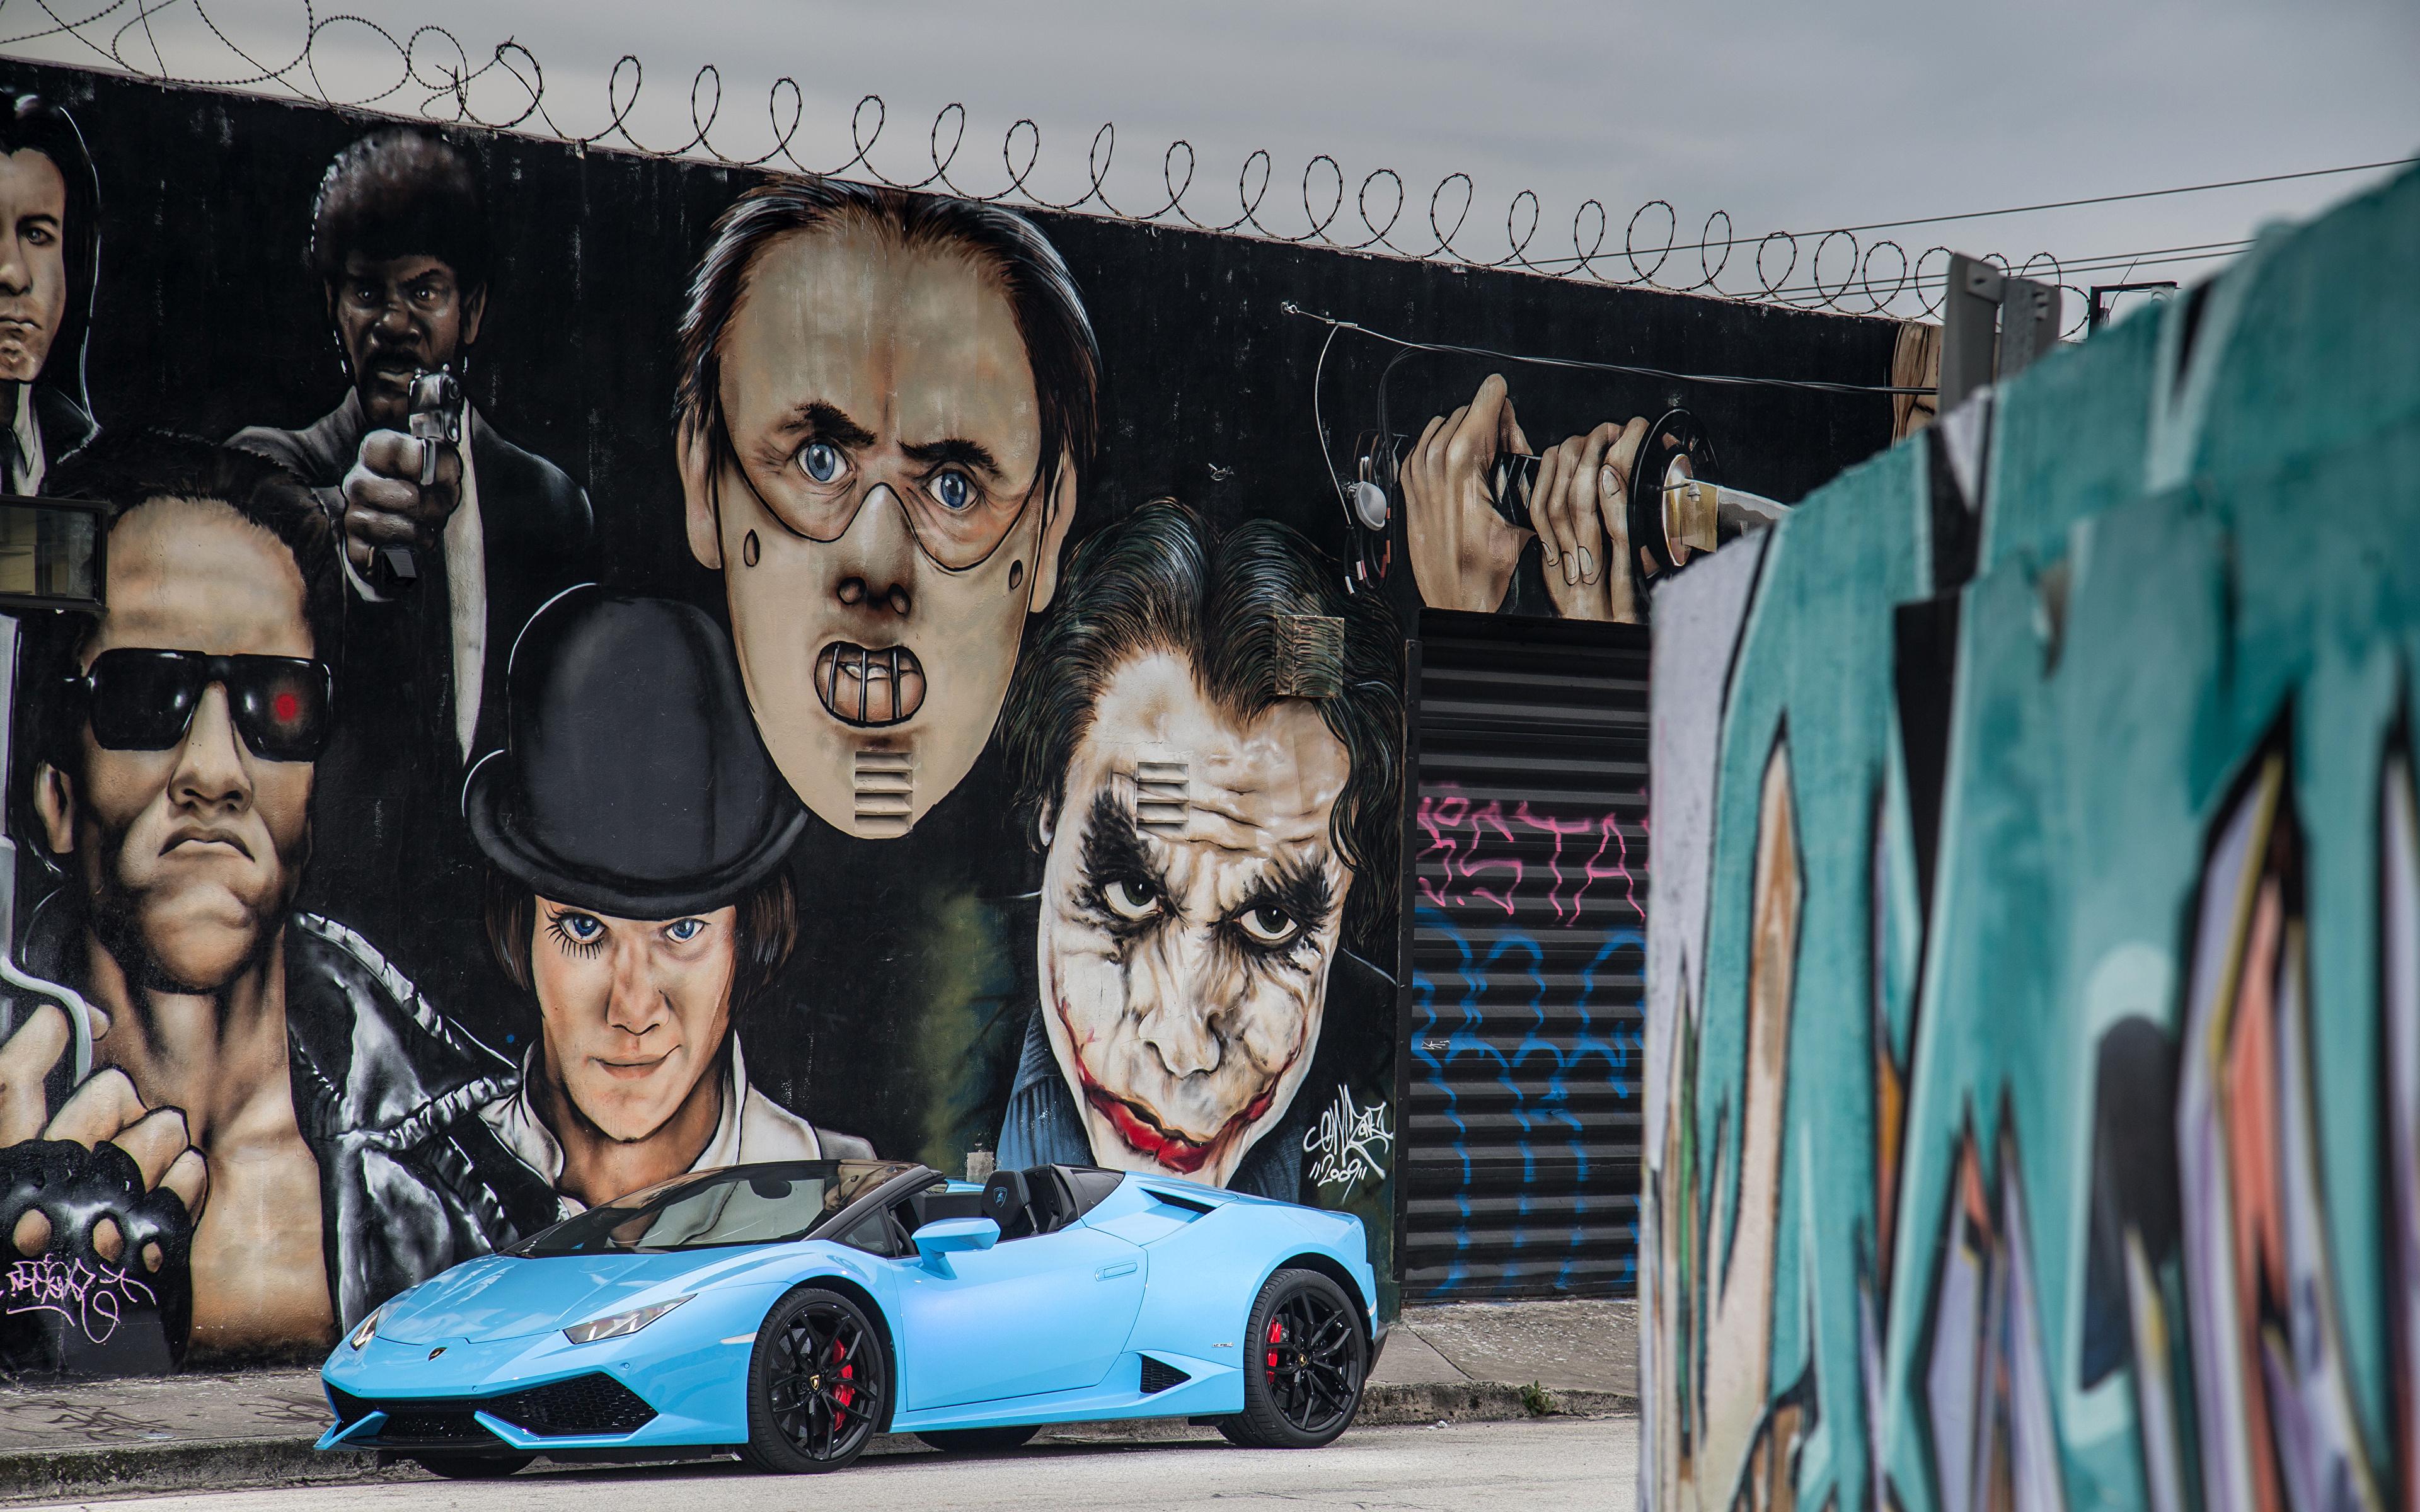 Фото Lamborghini 2015-16 Huracán LP 610-4 Spyder Кабриолет Голубой Граффити Металлик Автомобили 3840x2400 Ламборгини кабриолета голубых голубые голубая авто машина машины автомобиль